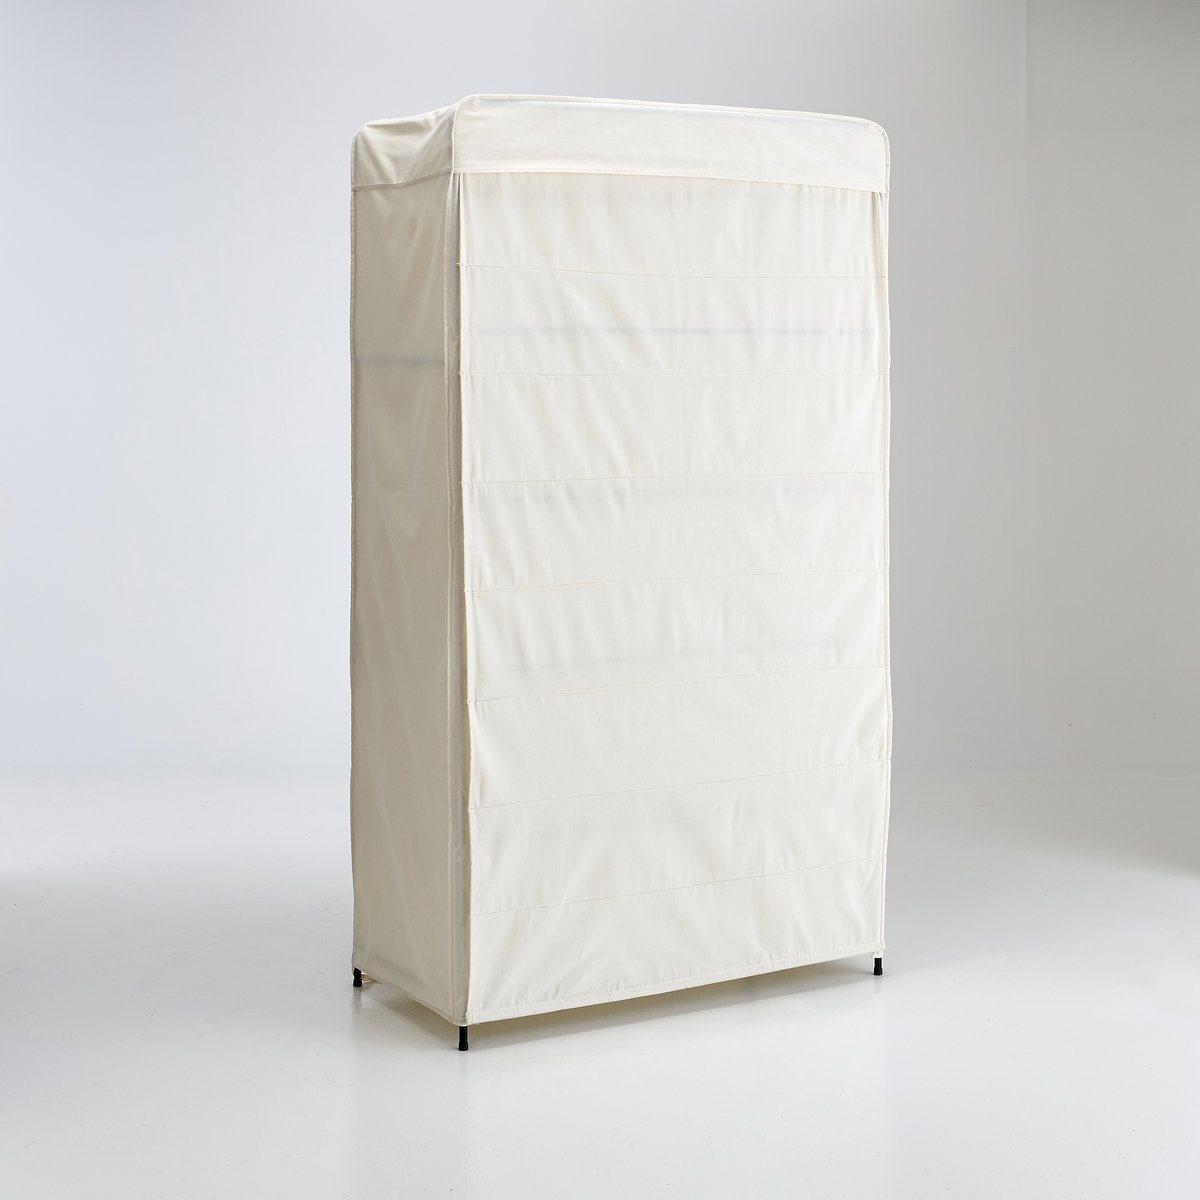 Шкаф для гардероба, Valiceшкаф для гардероба Valice, легкий и простой в монтаже, закрывается шторкой на веревках . 5 полок.                                                                                                                                              Описание шкафа для гардероба Valice :Покрытие из текстиля, отделка шнурком  .Закрывается шторкой на веревках .5 полок Характеристики шкафа для гардероба Valice :Каркас, подвесные перекладины и решетчатые полки из металла, покрытого матовой черной эпоксидной эмалью.Съемное покрытие из поликоттона (230гр) с отделкой шнурком .Найдите другие шкафы для гардероба на нашем сайте .Размеры шкафа для гардероба Valice :Общие :Ширина : 107 смВысота : 190,5 см Глубина : 51,5 см Внутри :бельевой полки : 104 x 96 x 48 см Размер и вес с упаковкой :1 упаковка109 x 54 x 10 см 12,8 кг Доставка :Шкаф для гардероба Valice продается готовым к сборке . Доставка шкафа осуществляется до квартиры !Внимание ! Убедитесь, что посылку возможно доставить на дом, учитывая ее габариты.<br><br>Цвет: экрю